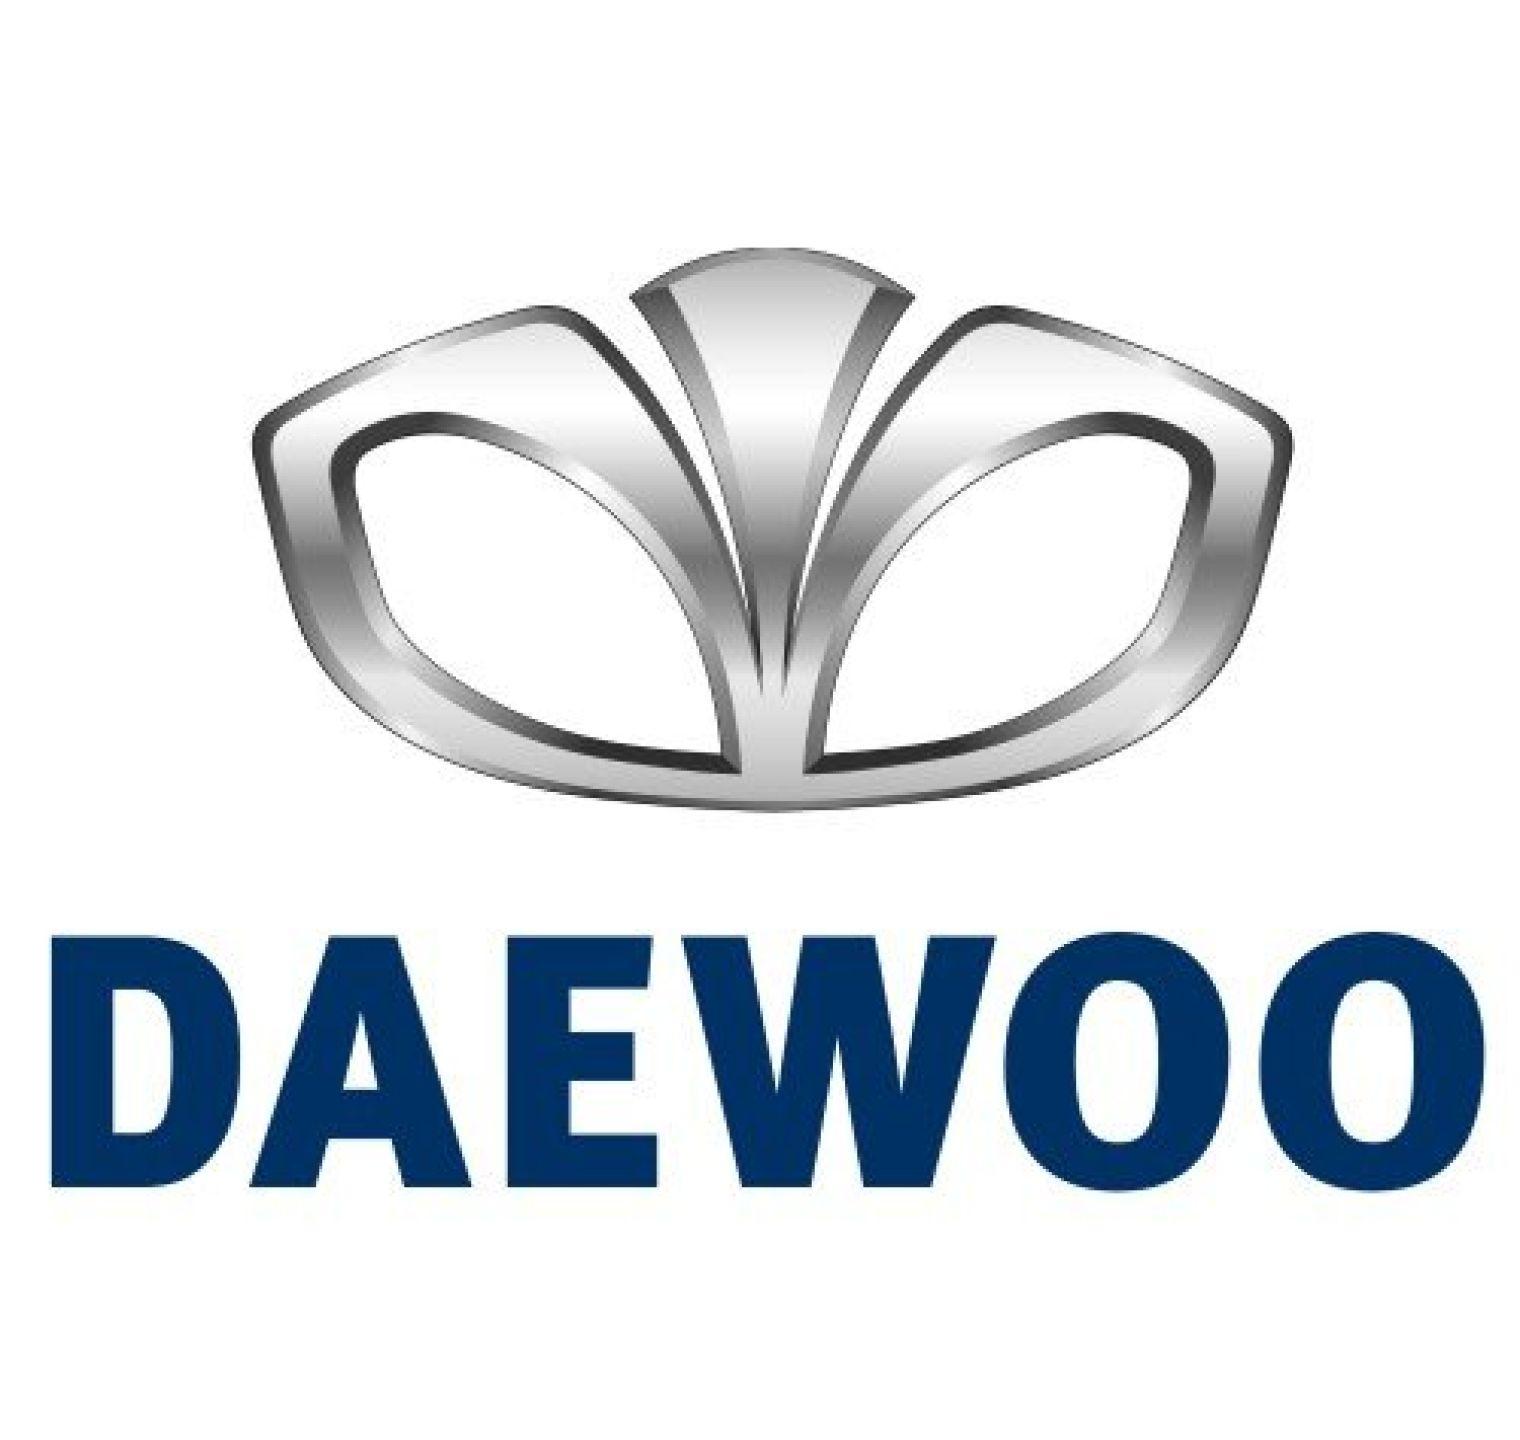 Daewoo Kalos (2002 t/m 2005) - achterruitenwisser Valeo Standard